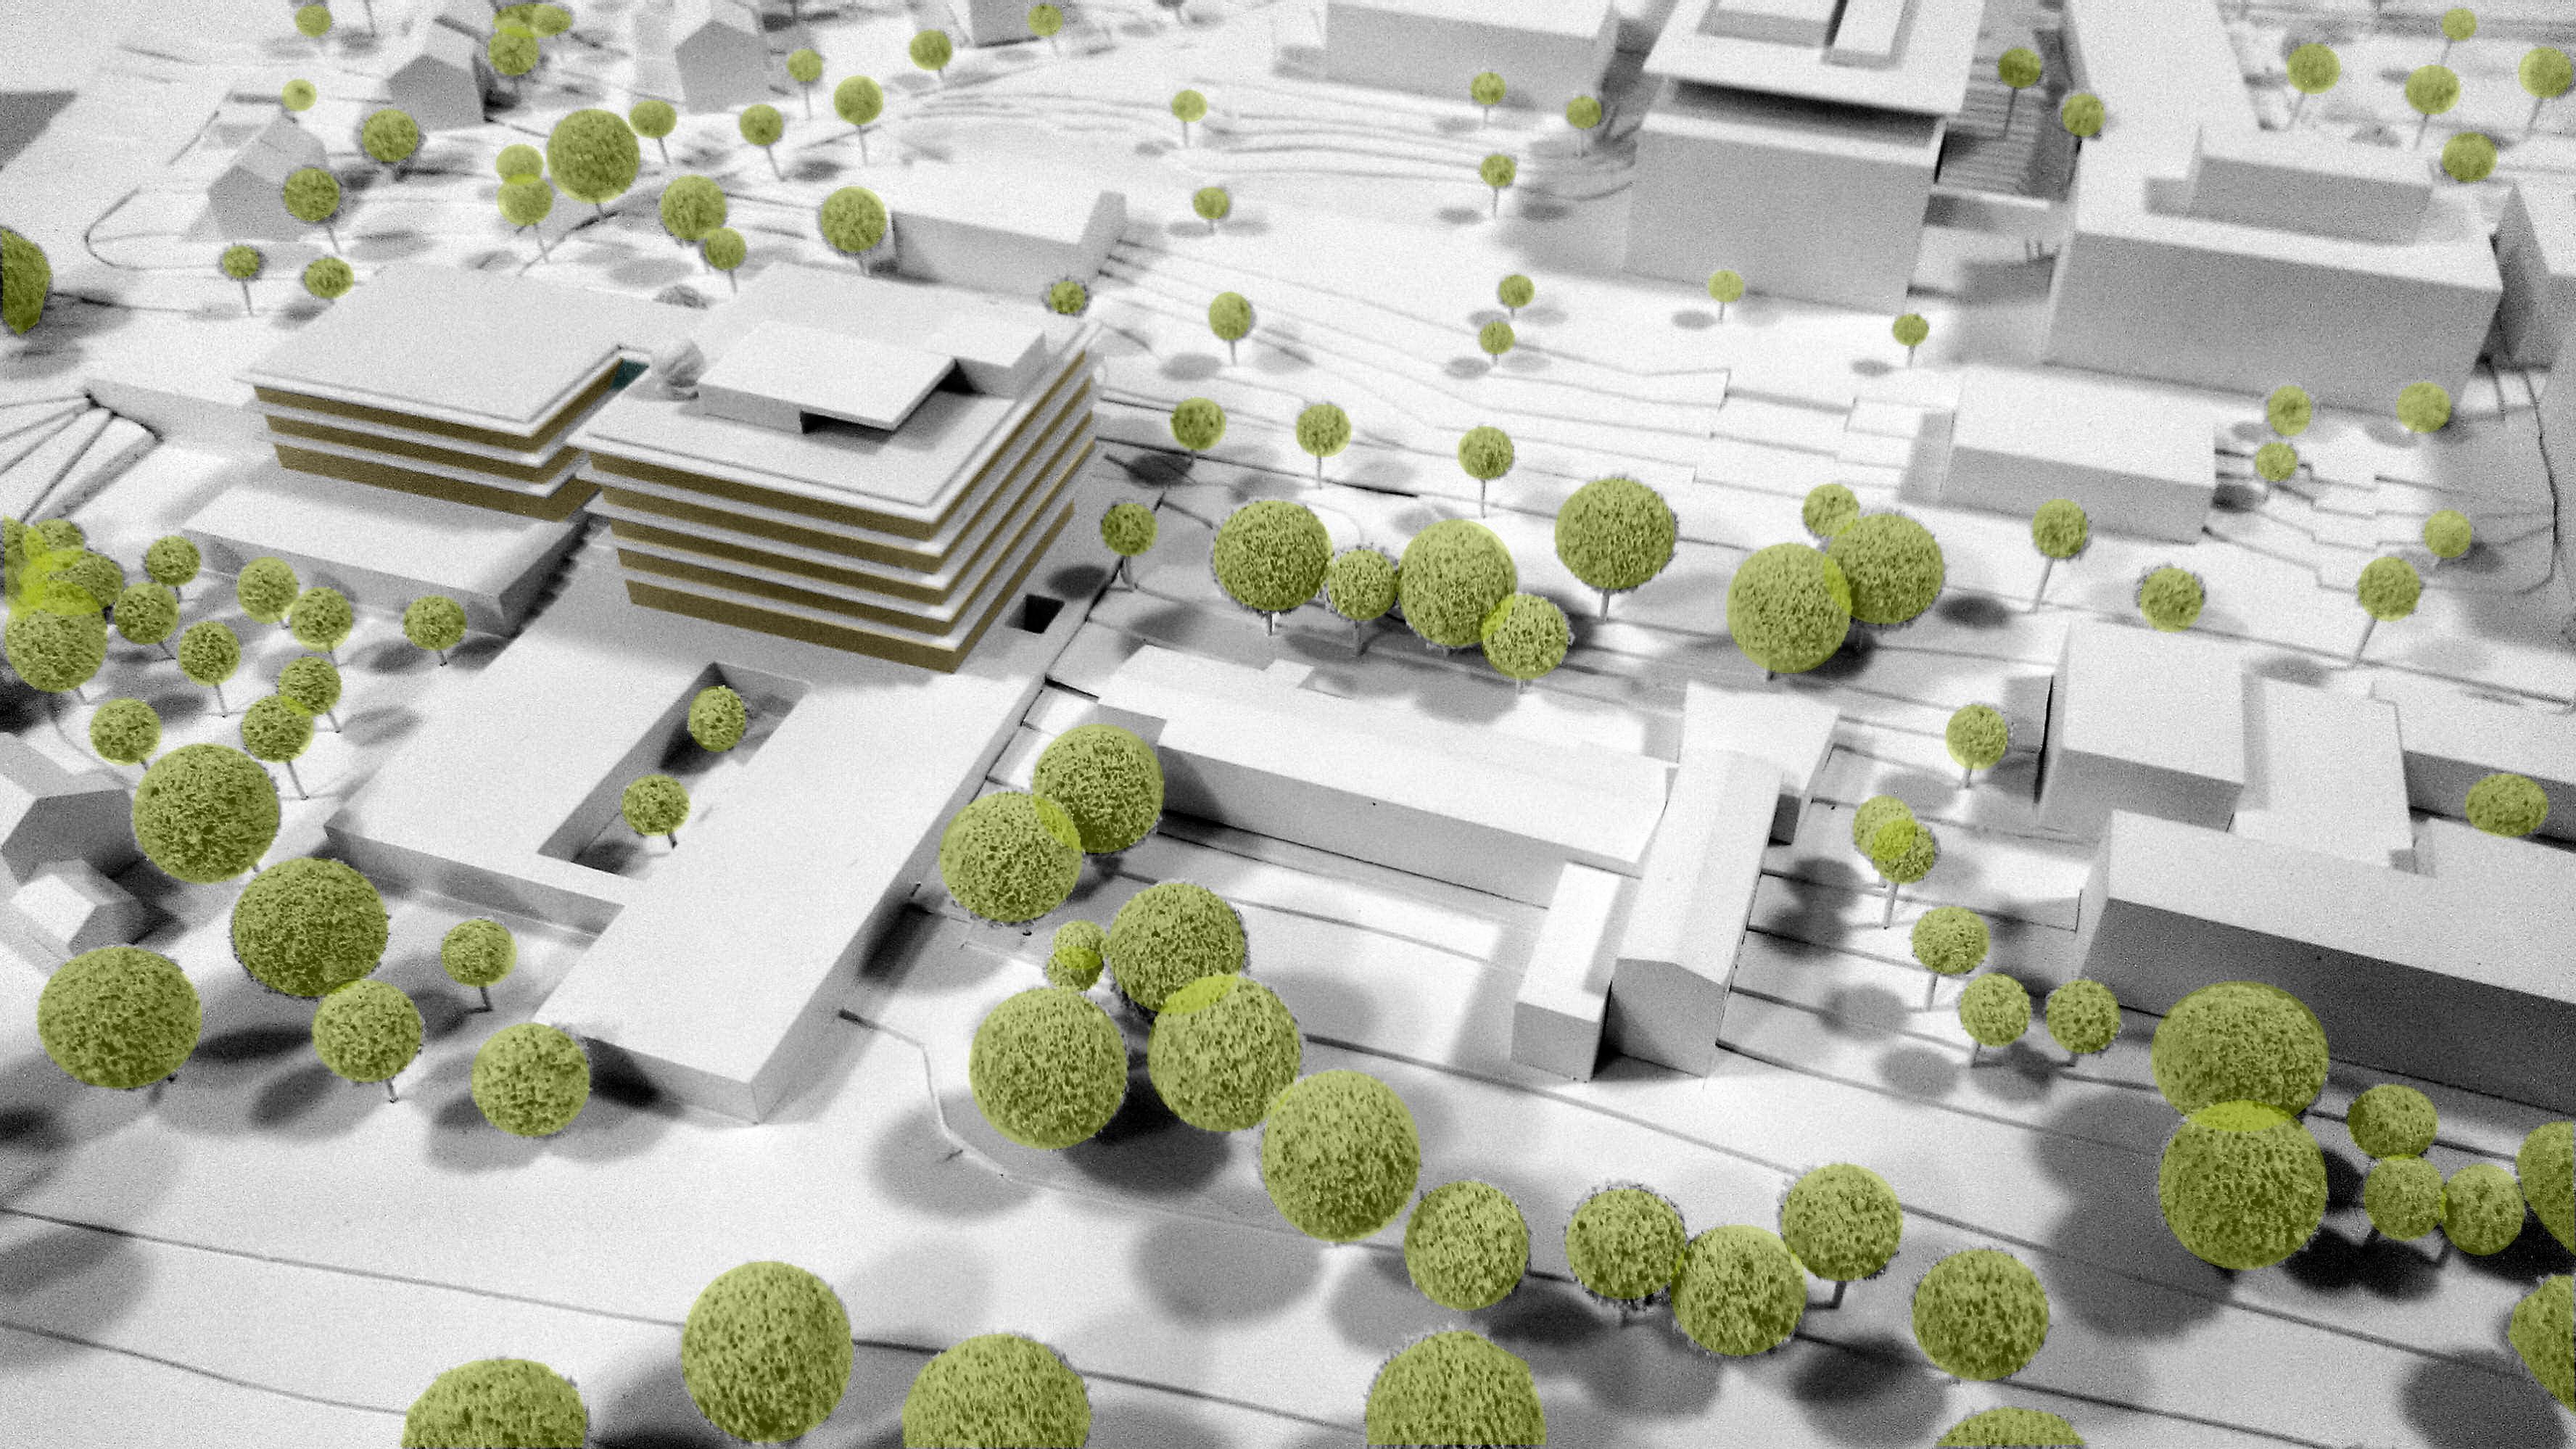 Max-Planck-Institut Für Intelligente Systeme (MPI IS) In Tübingen 14 - ArGe Architekten